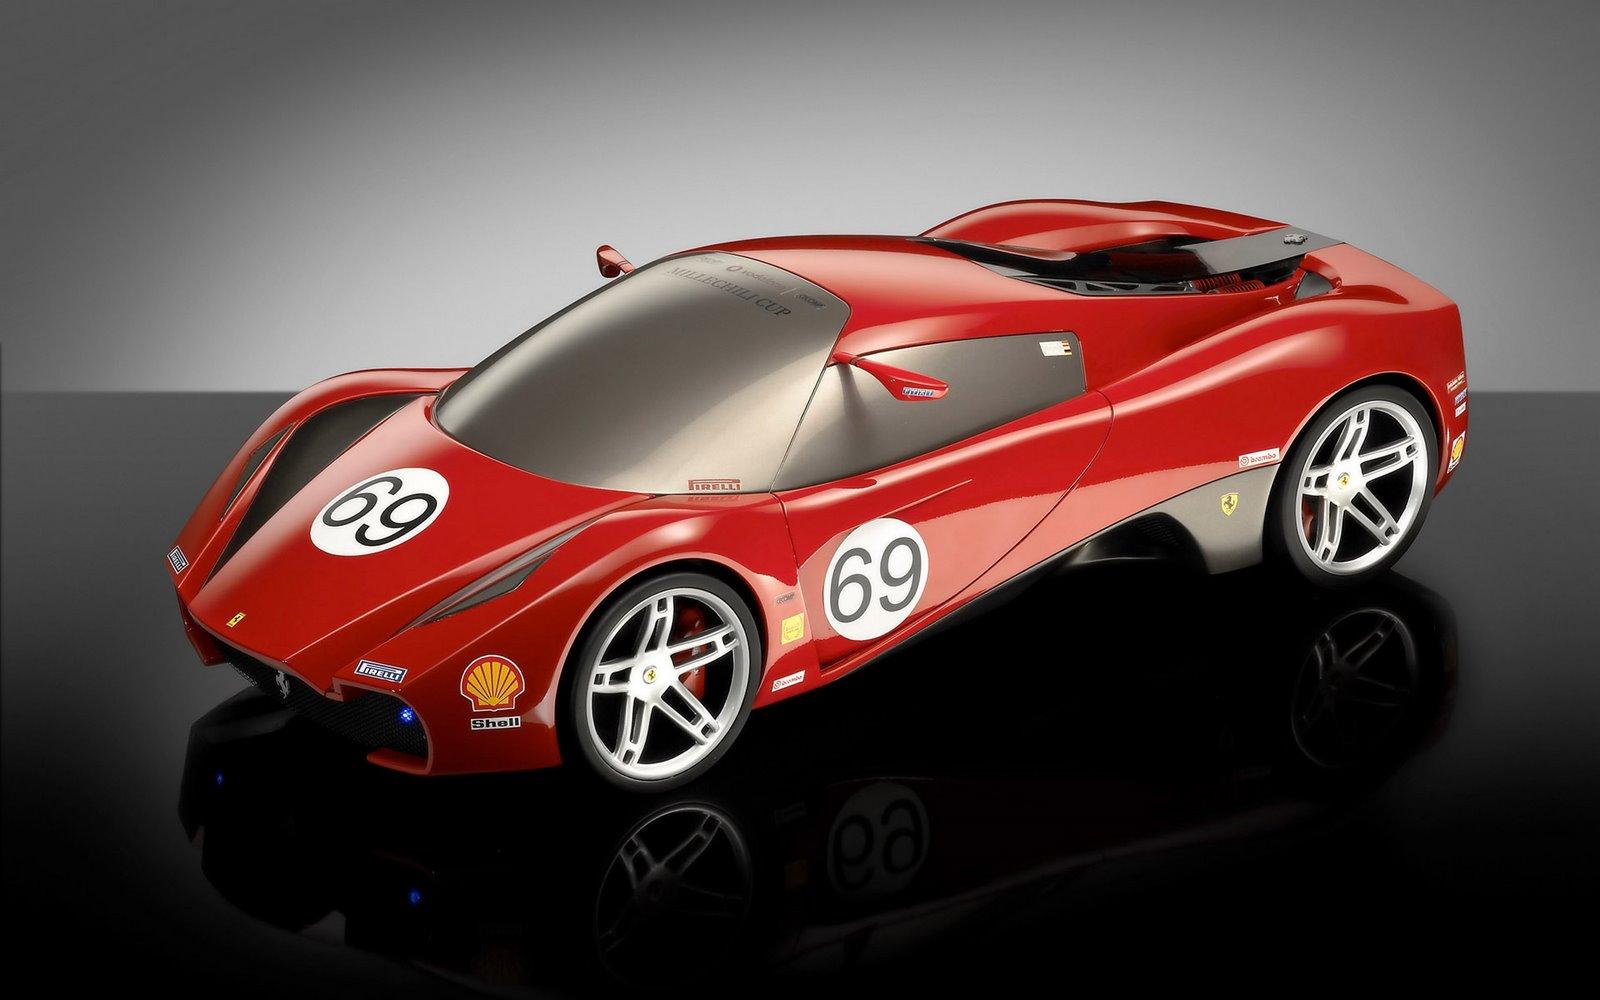 http://1.bp.blogspot.com/_z51hrrVaAI0/SZO0UNRv42I/AAAAAAAABEA/mcAph6MOy2o/s1600/Ferrari+%2811%29.jpg